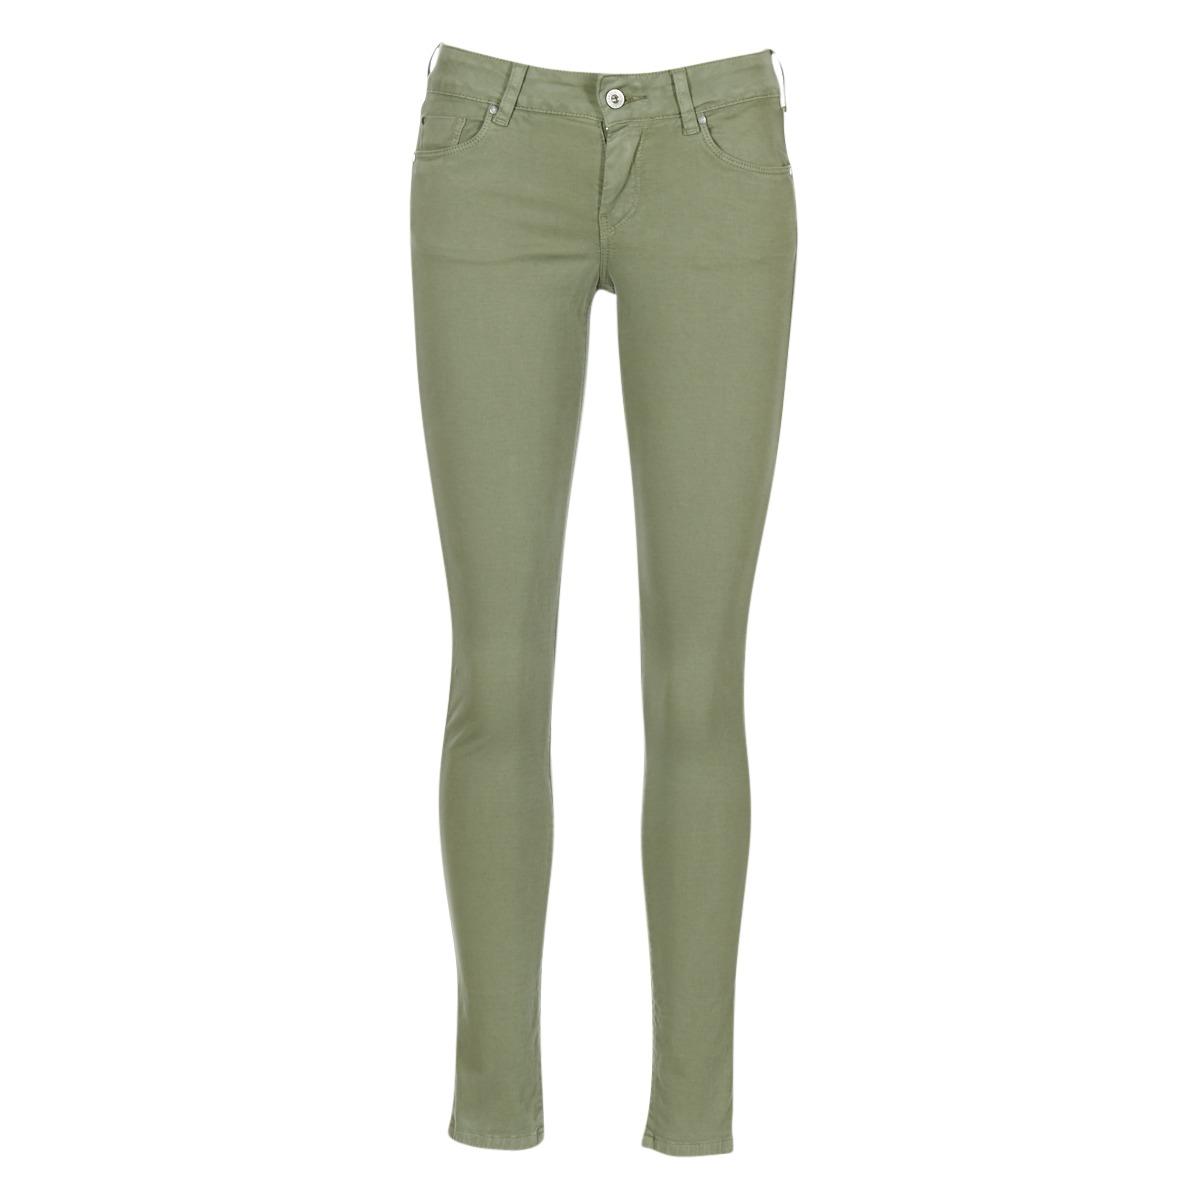 Pepe jeans hlače s 5 žepi SOHO Zelena - Ceneje.si 3fa54a3c90e